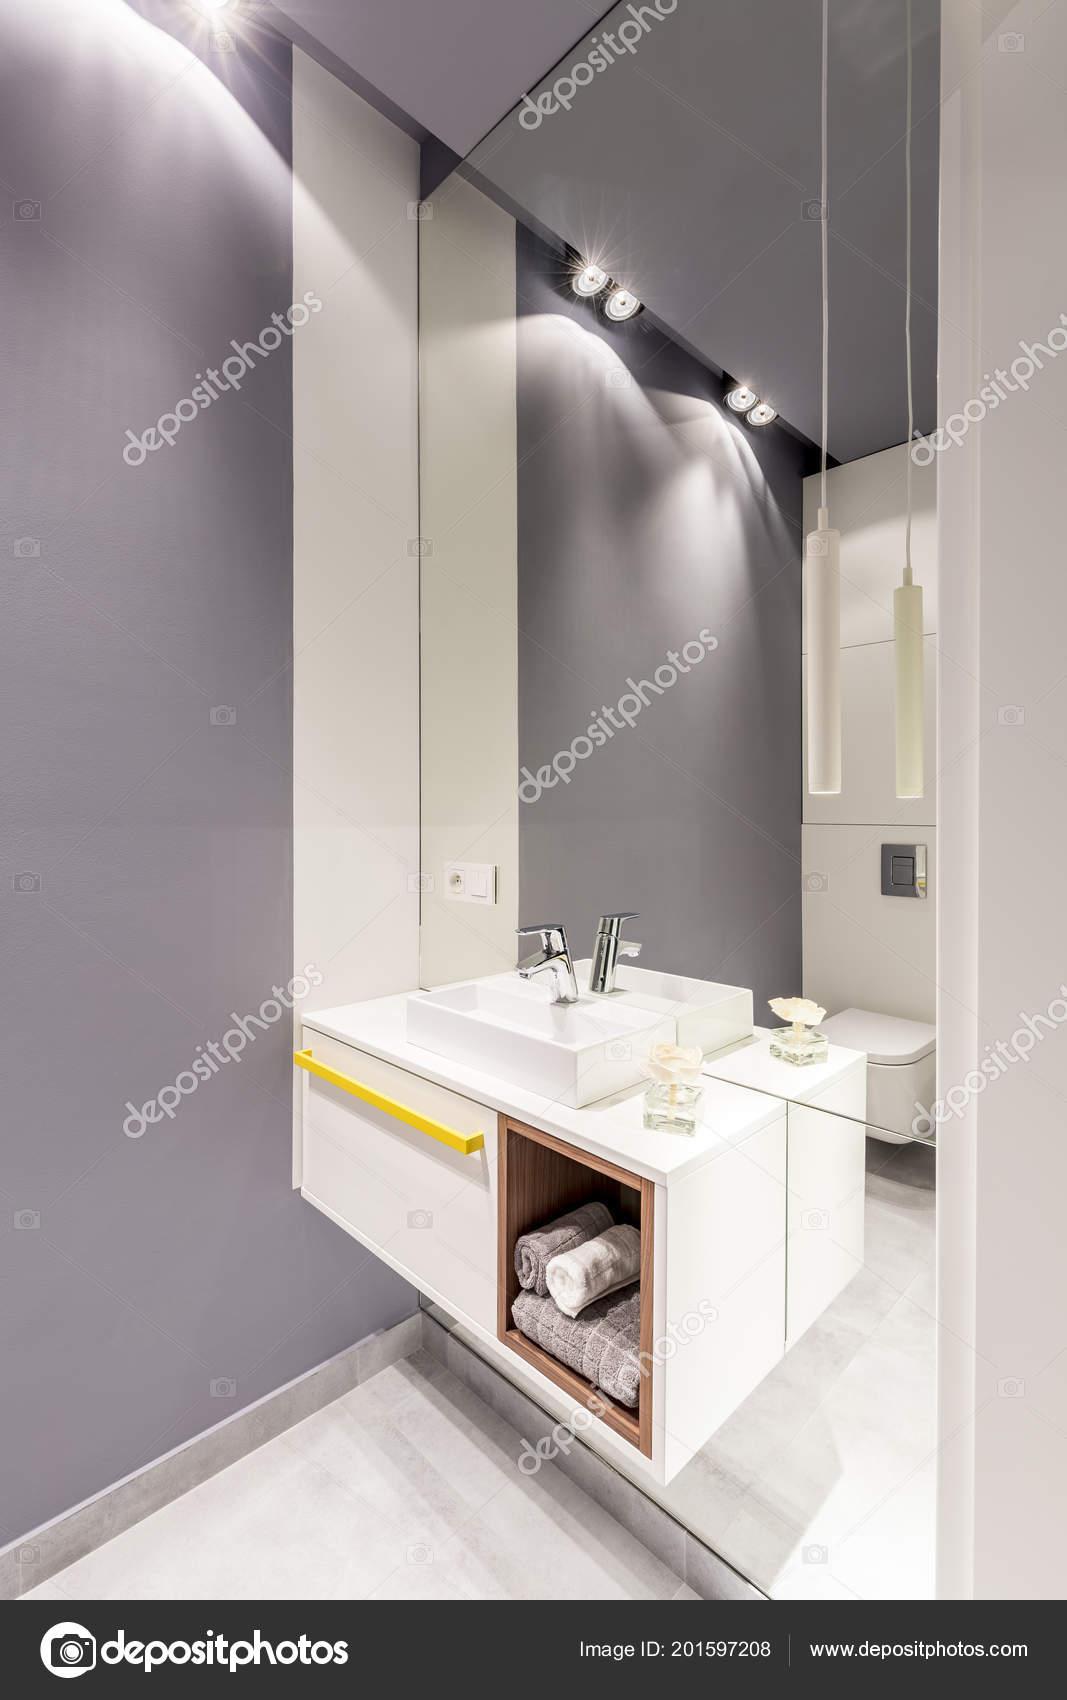 Lavabo Blanco Espejo Armario Interior Cuarto Baño Gris Con Luz ...